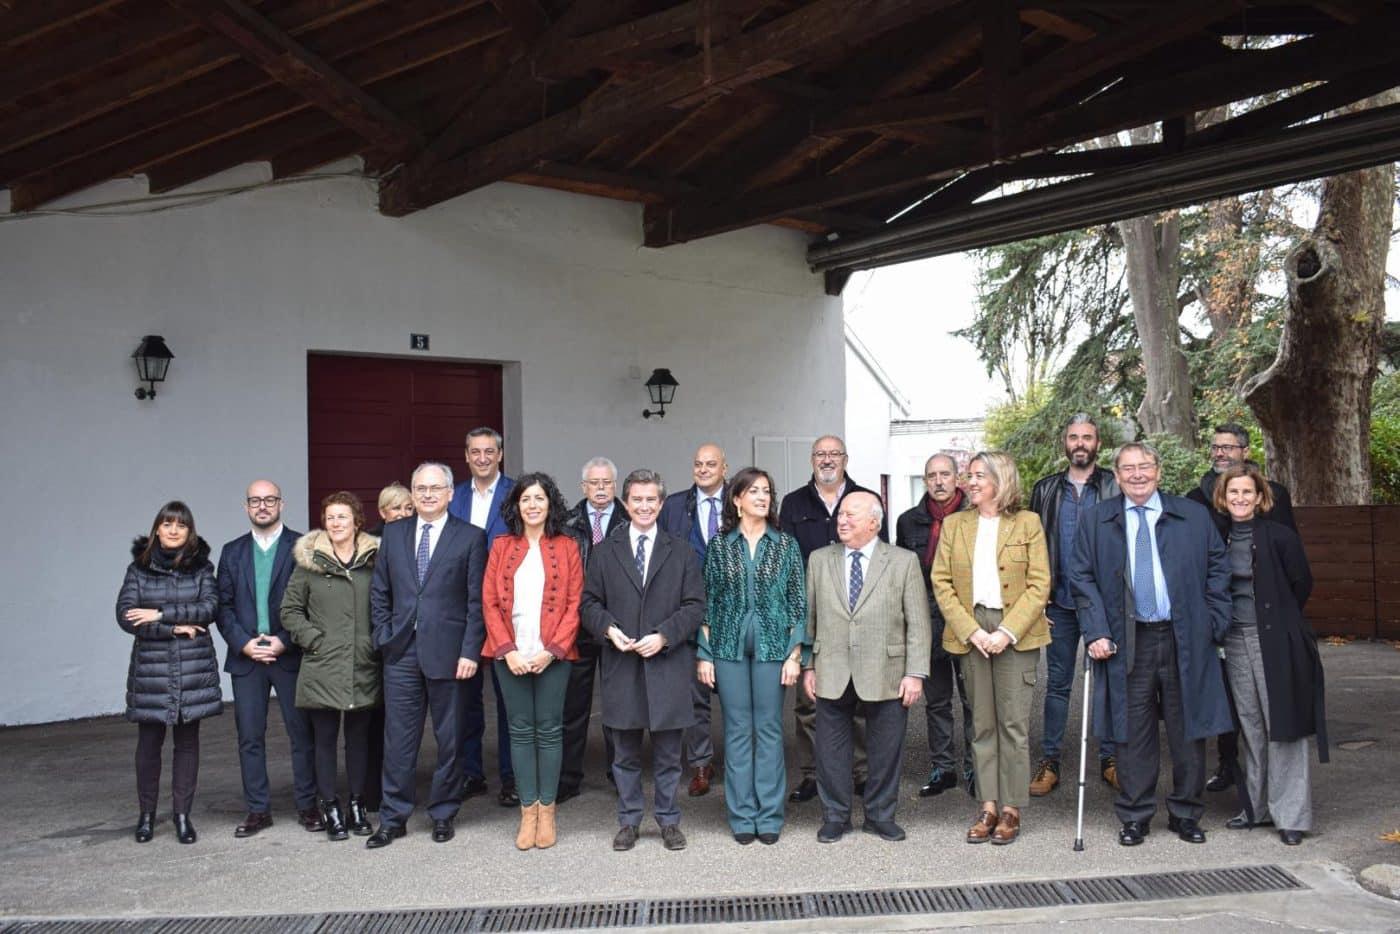 CVNE celebra su 140 aniversario con la ampliación de sus instalaciones en la histórica bodega de Haro 1